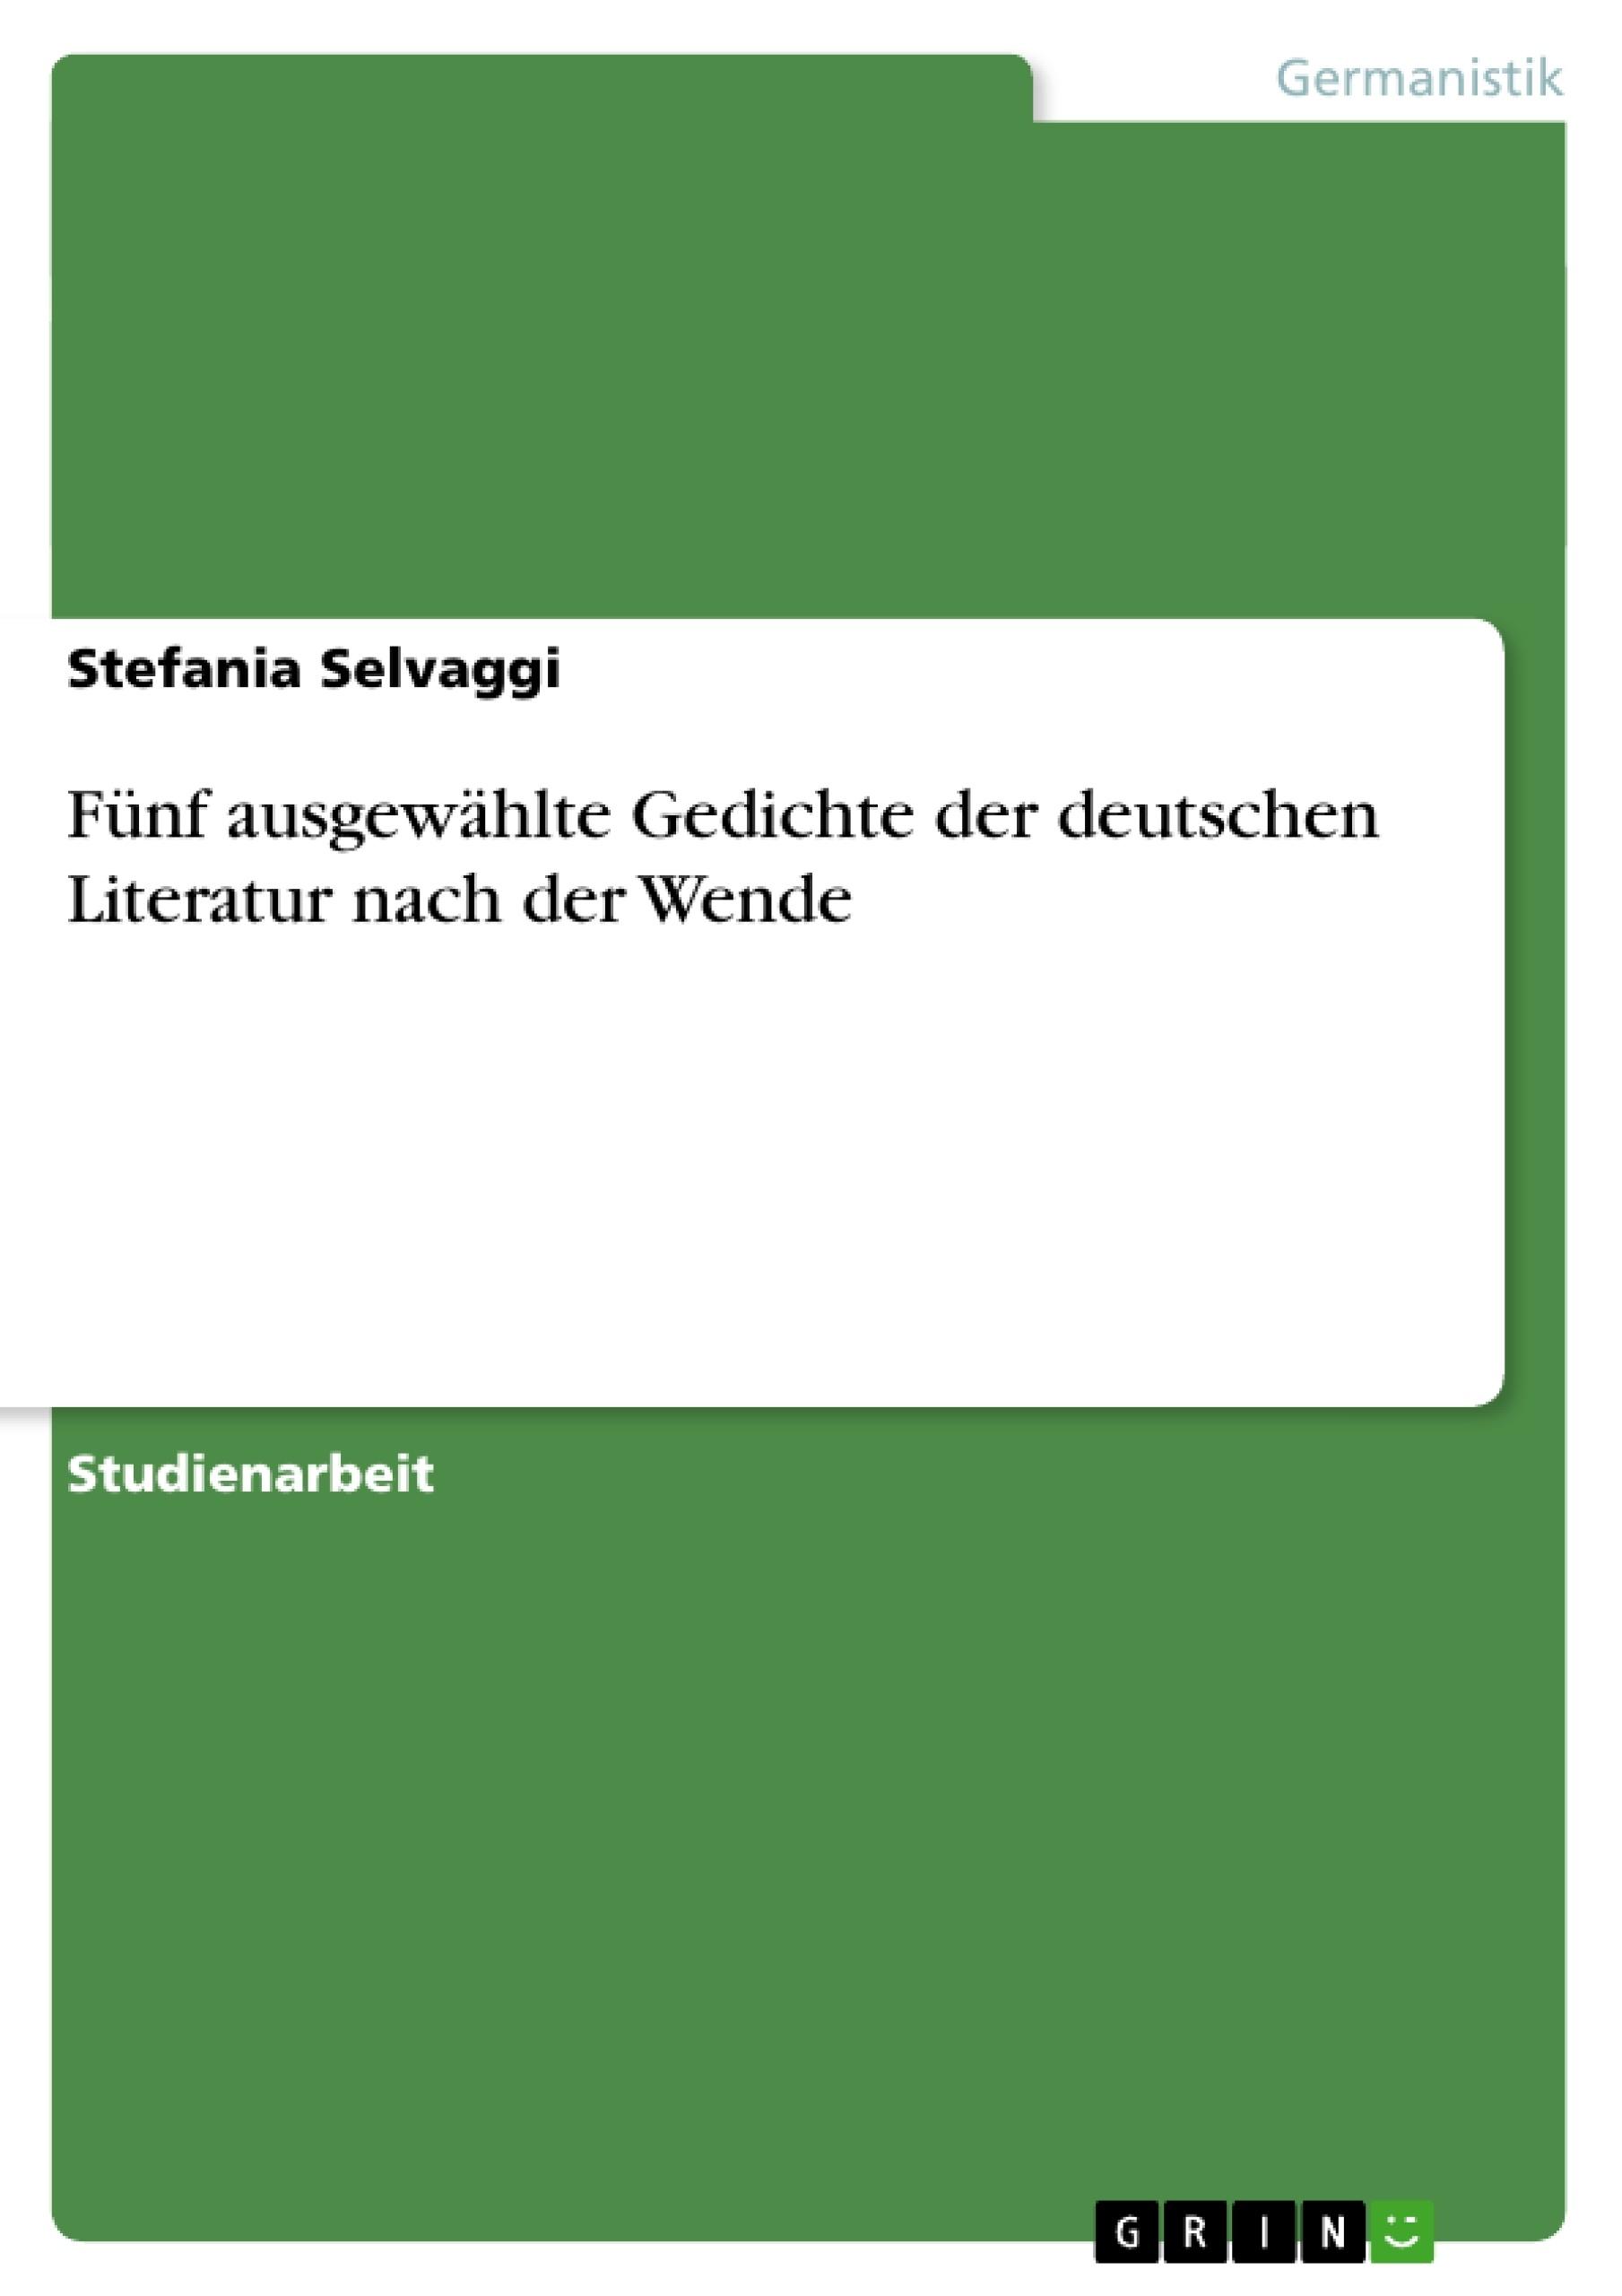 Titel: Fünf ausgewählte Gedichte der deutschen Literatur nach der Wende